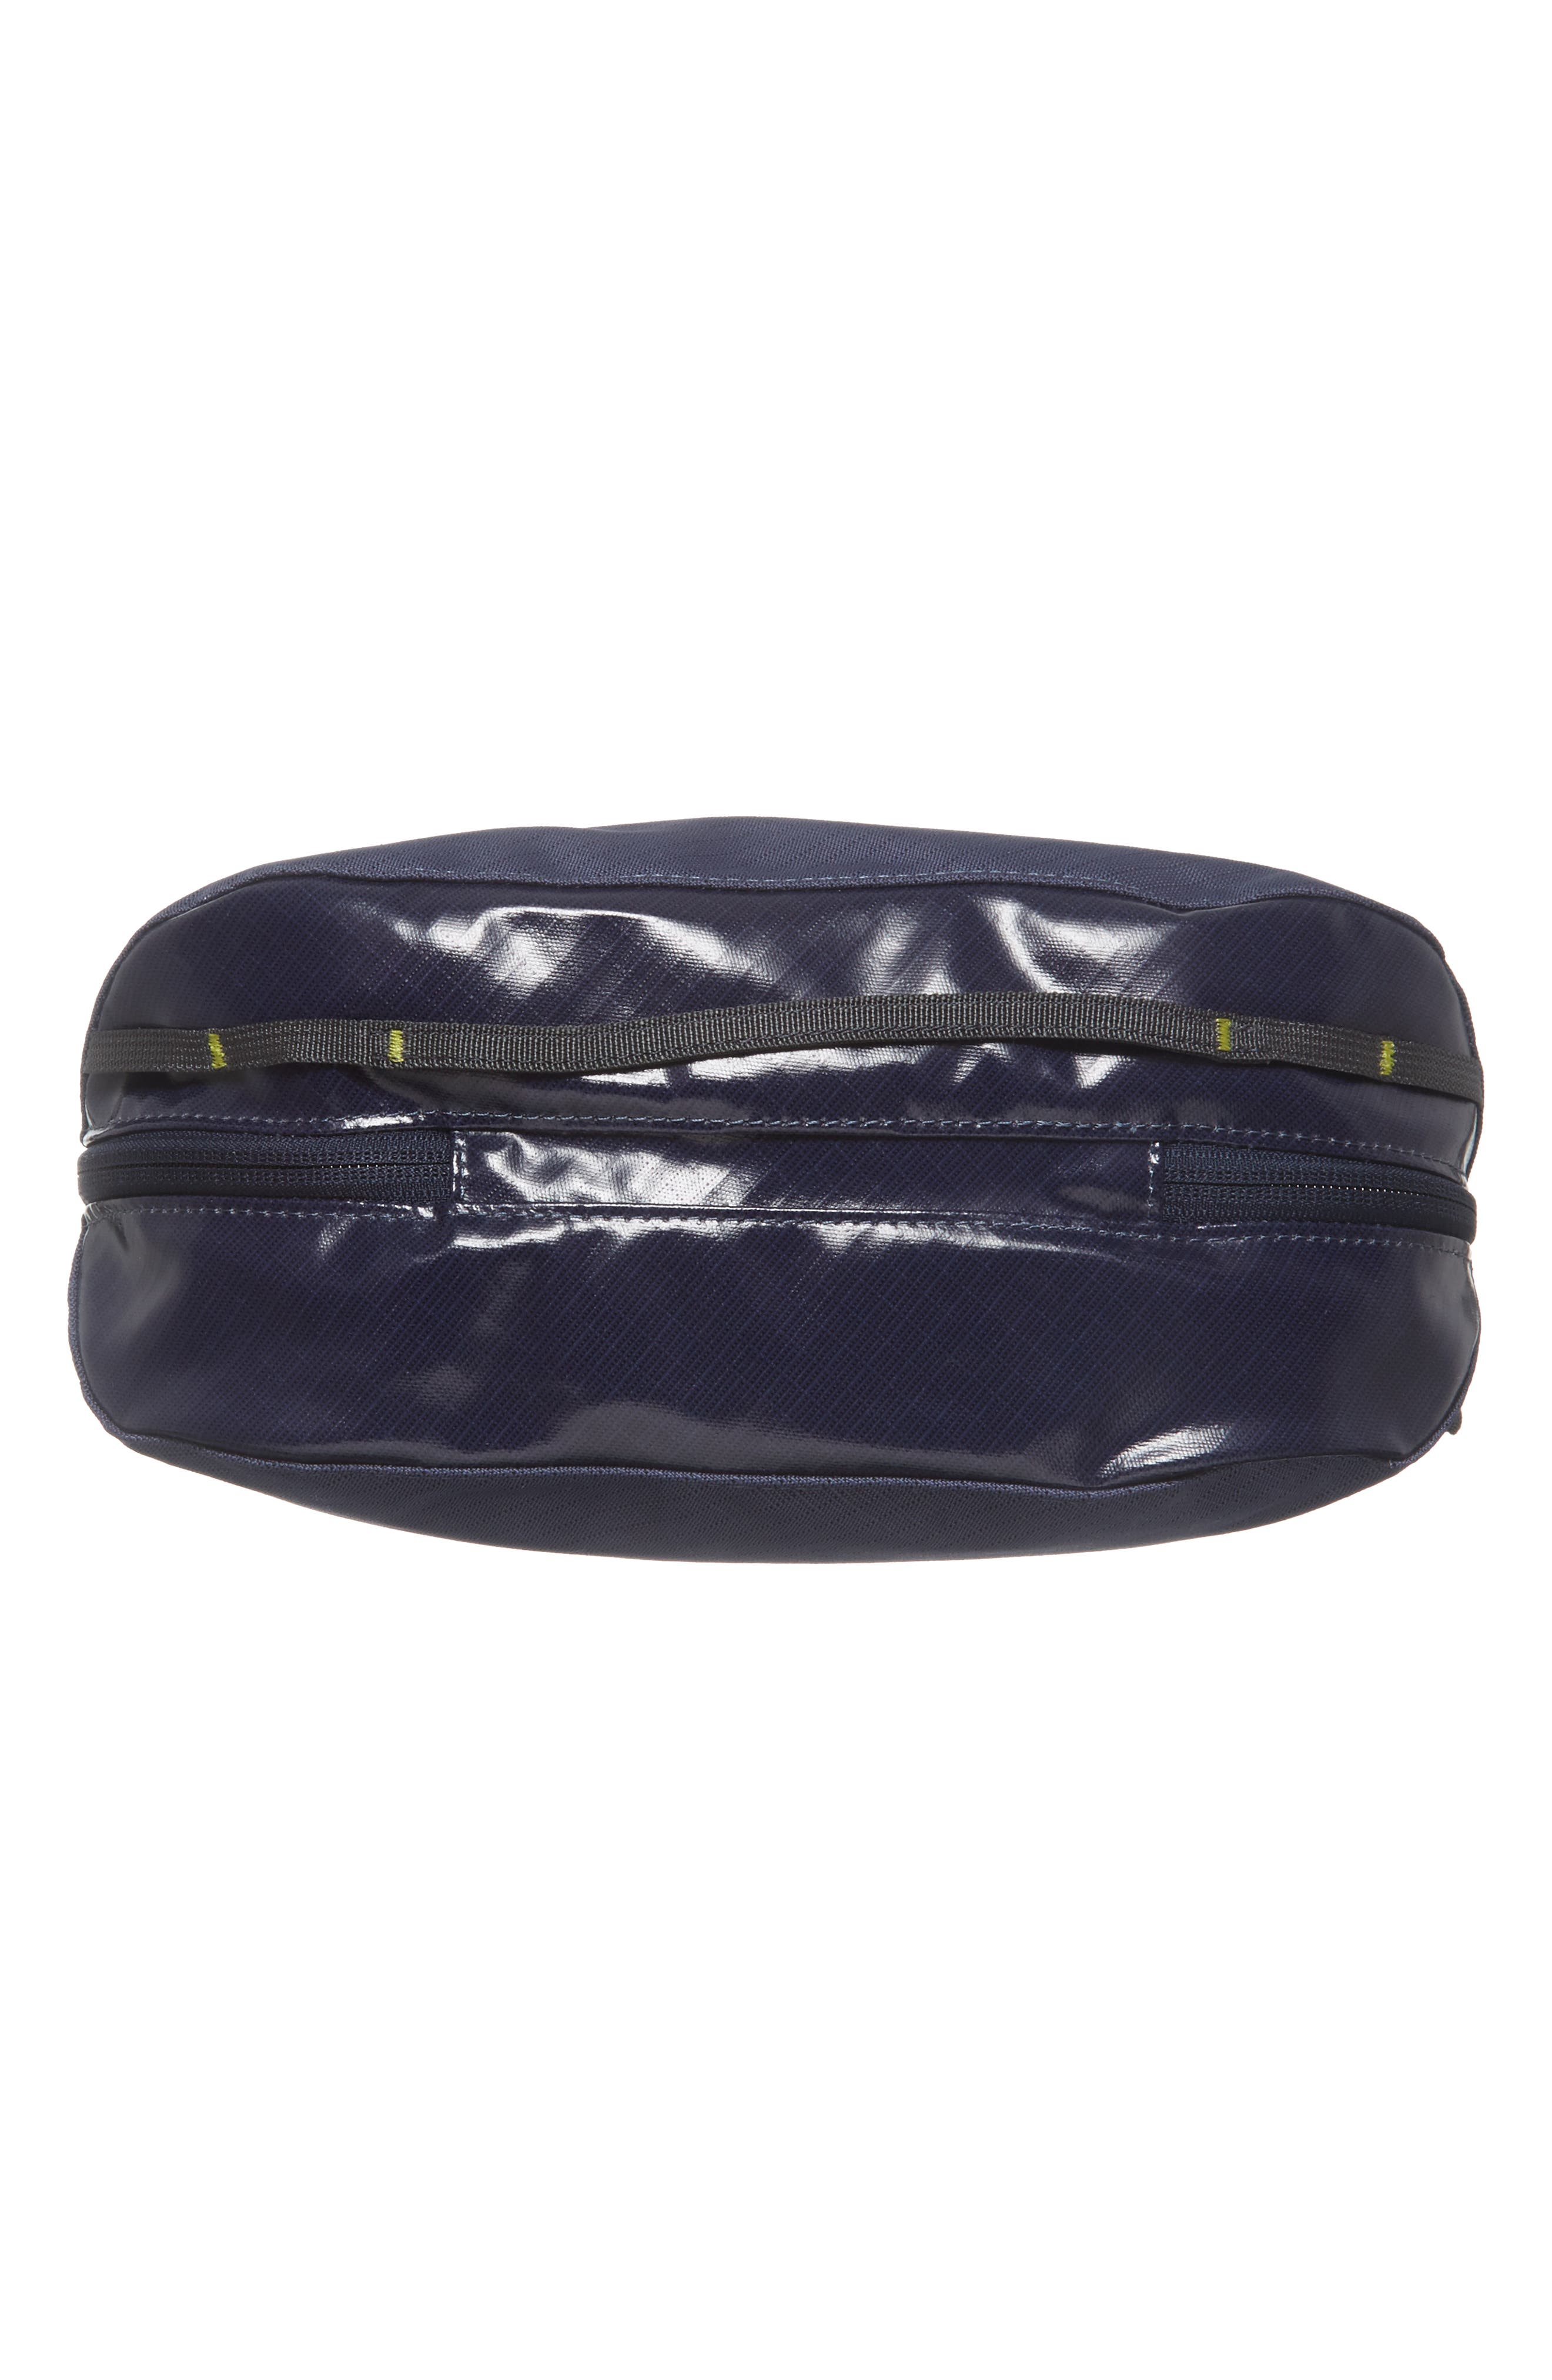 Black Hole Medium Travel Kit,                             Alternate thumbnail 5, color,                             DOLOMITE BLUE